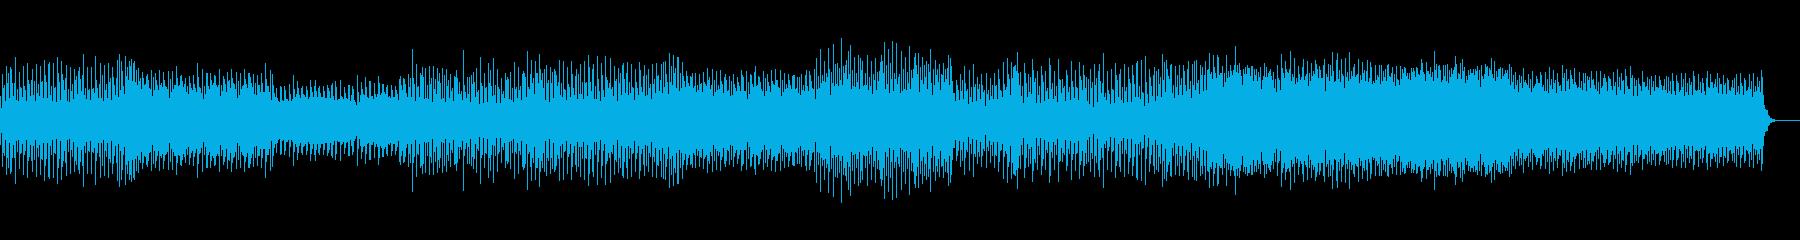 トリッキーで音の広がりがあるテクノの再生済みの波形